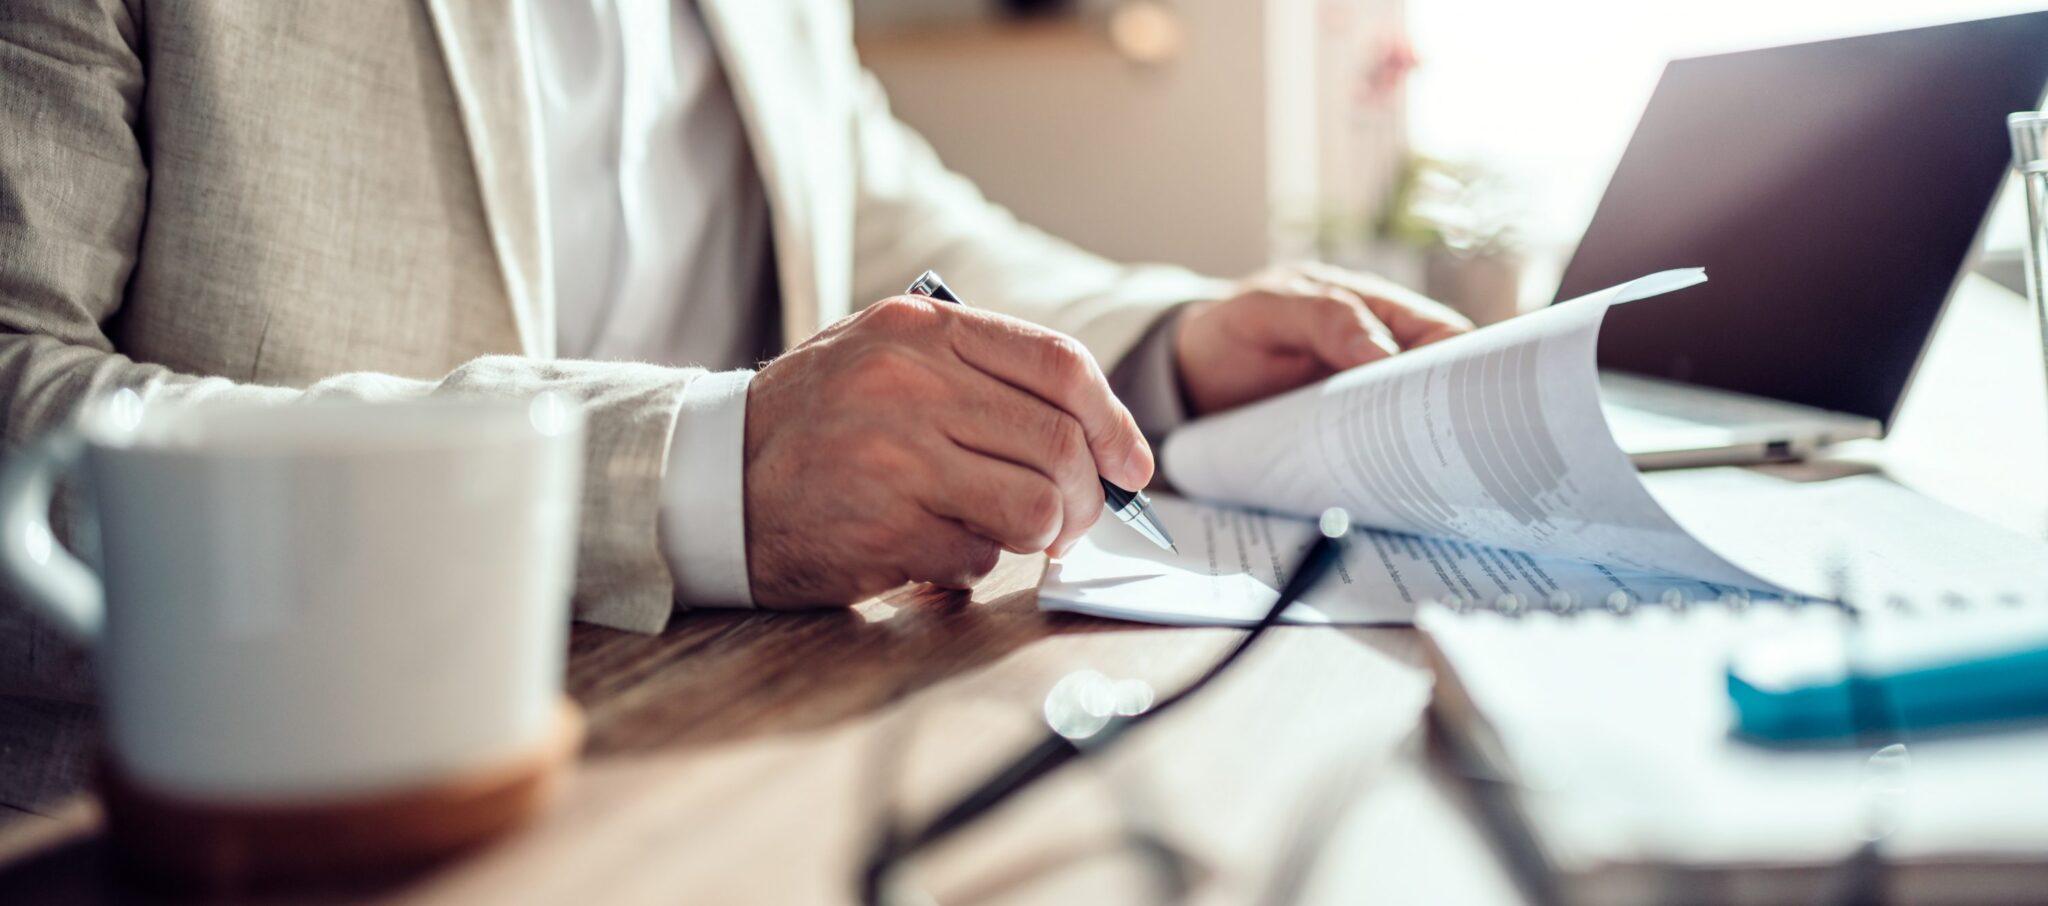 Regimes de execução contratual no projeto de nova lei de licitações